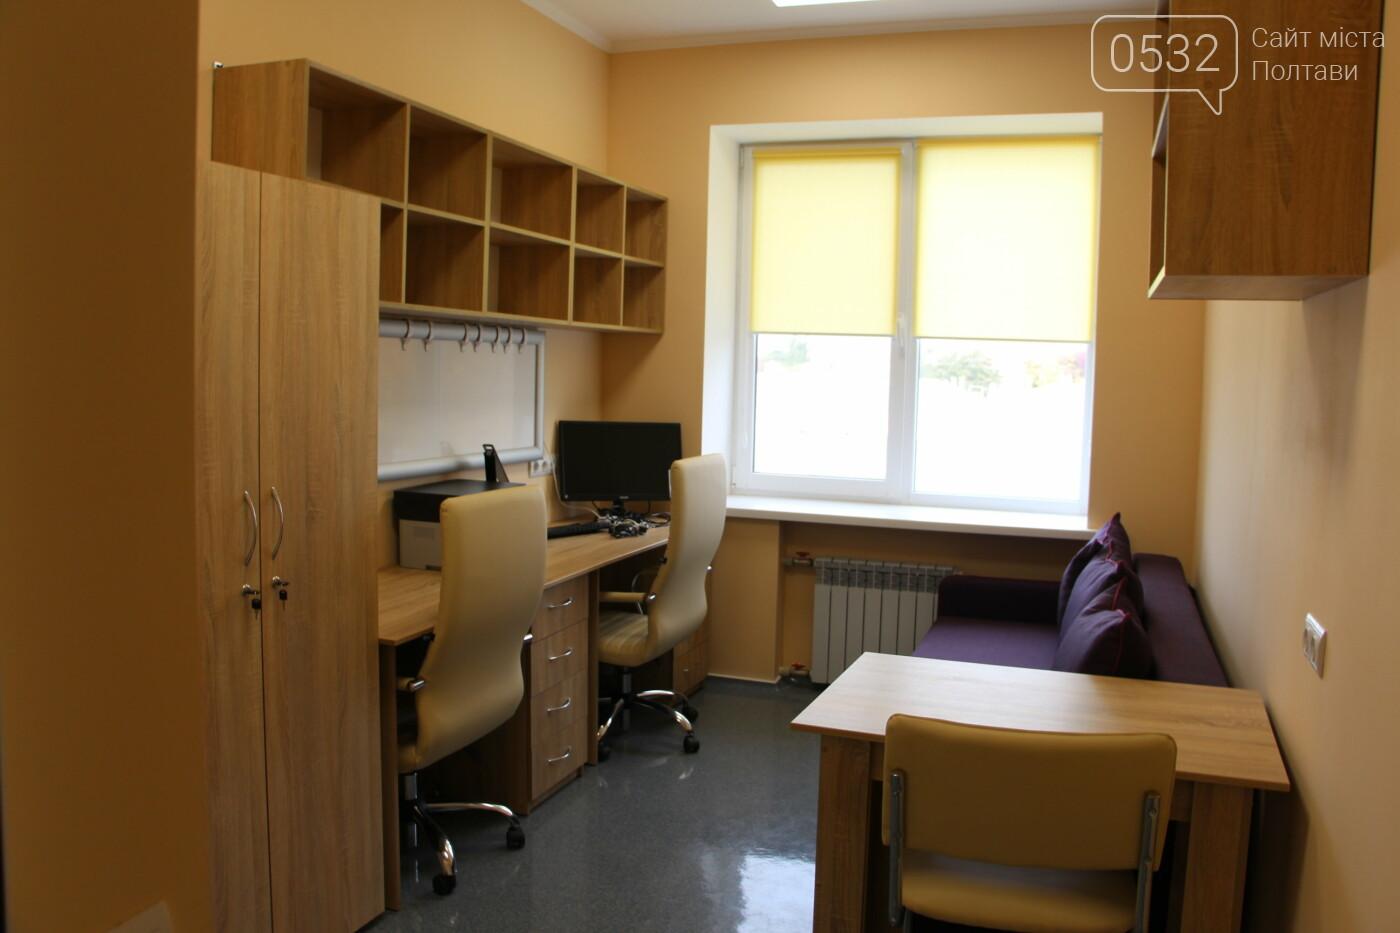 У Полтаві відкрили два відділення обласної лікарні, відремонтовані за 36 мільйонів (ФОТО, ВІДЕО), фото-4